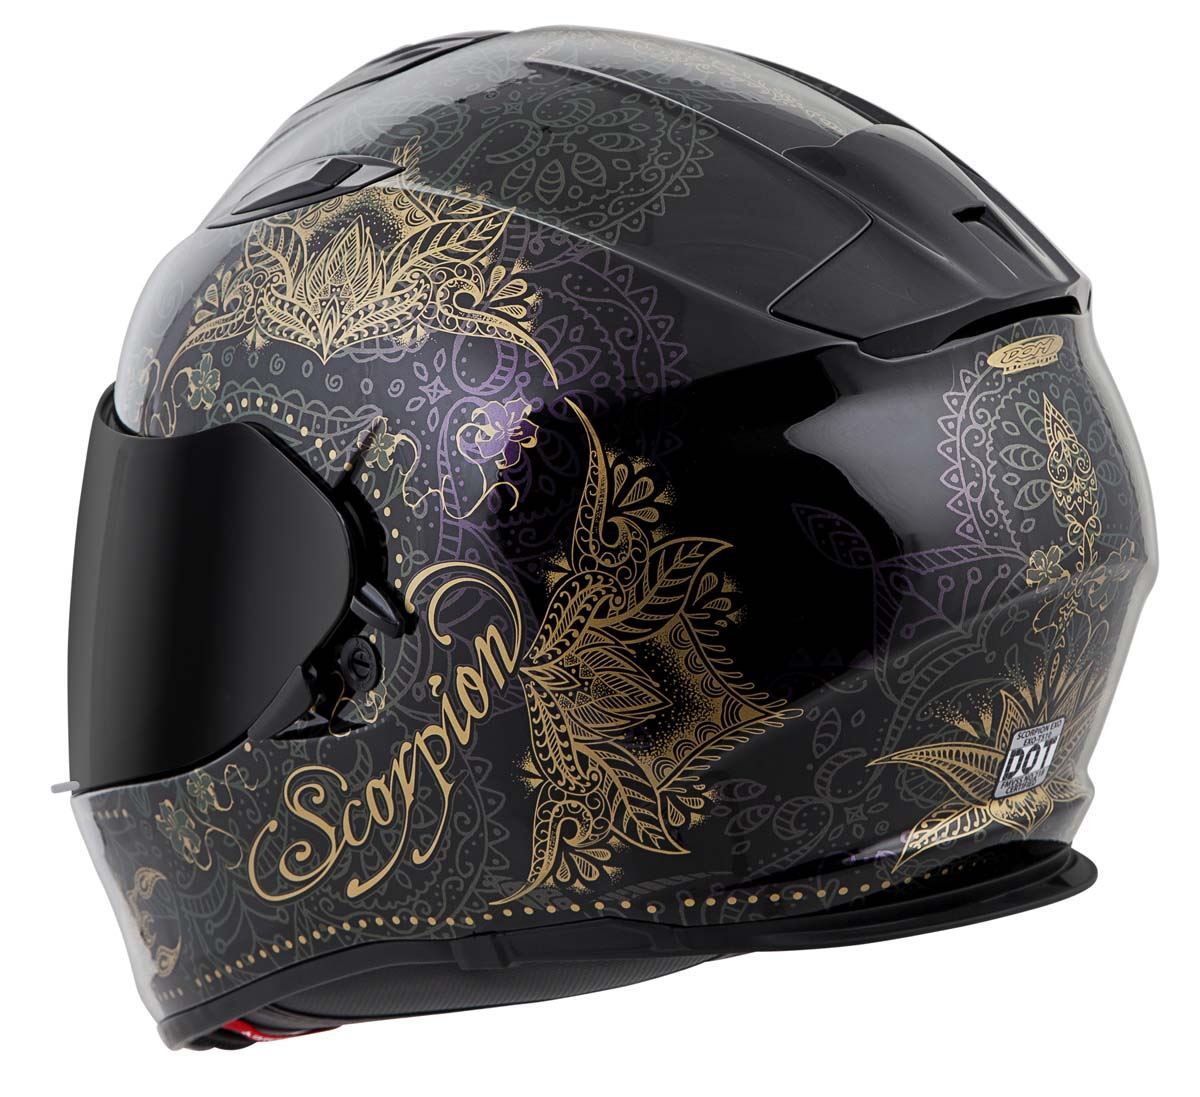 Scorpion-EXO-T510-Helmet-Full-Face-DOT-Approved-Inner-Sun-Shield miniature 65